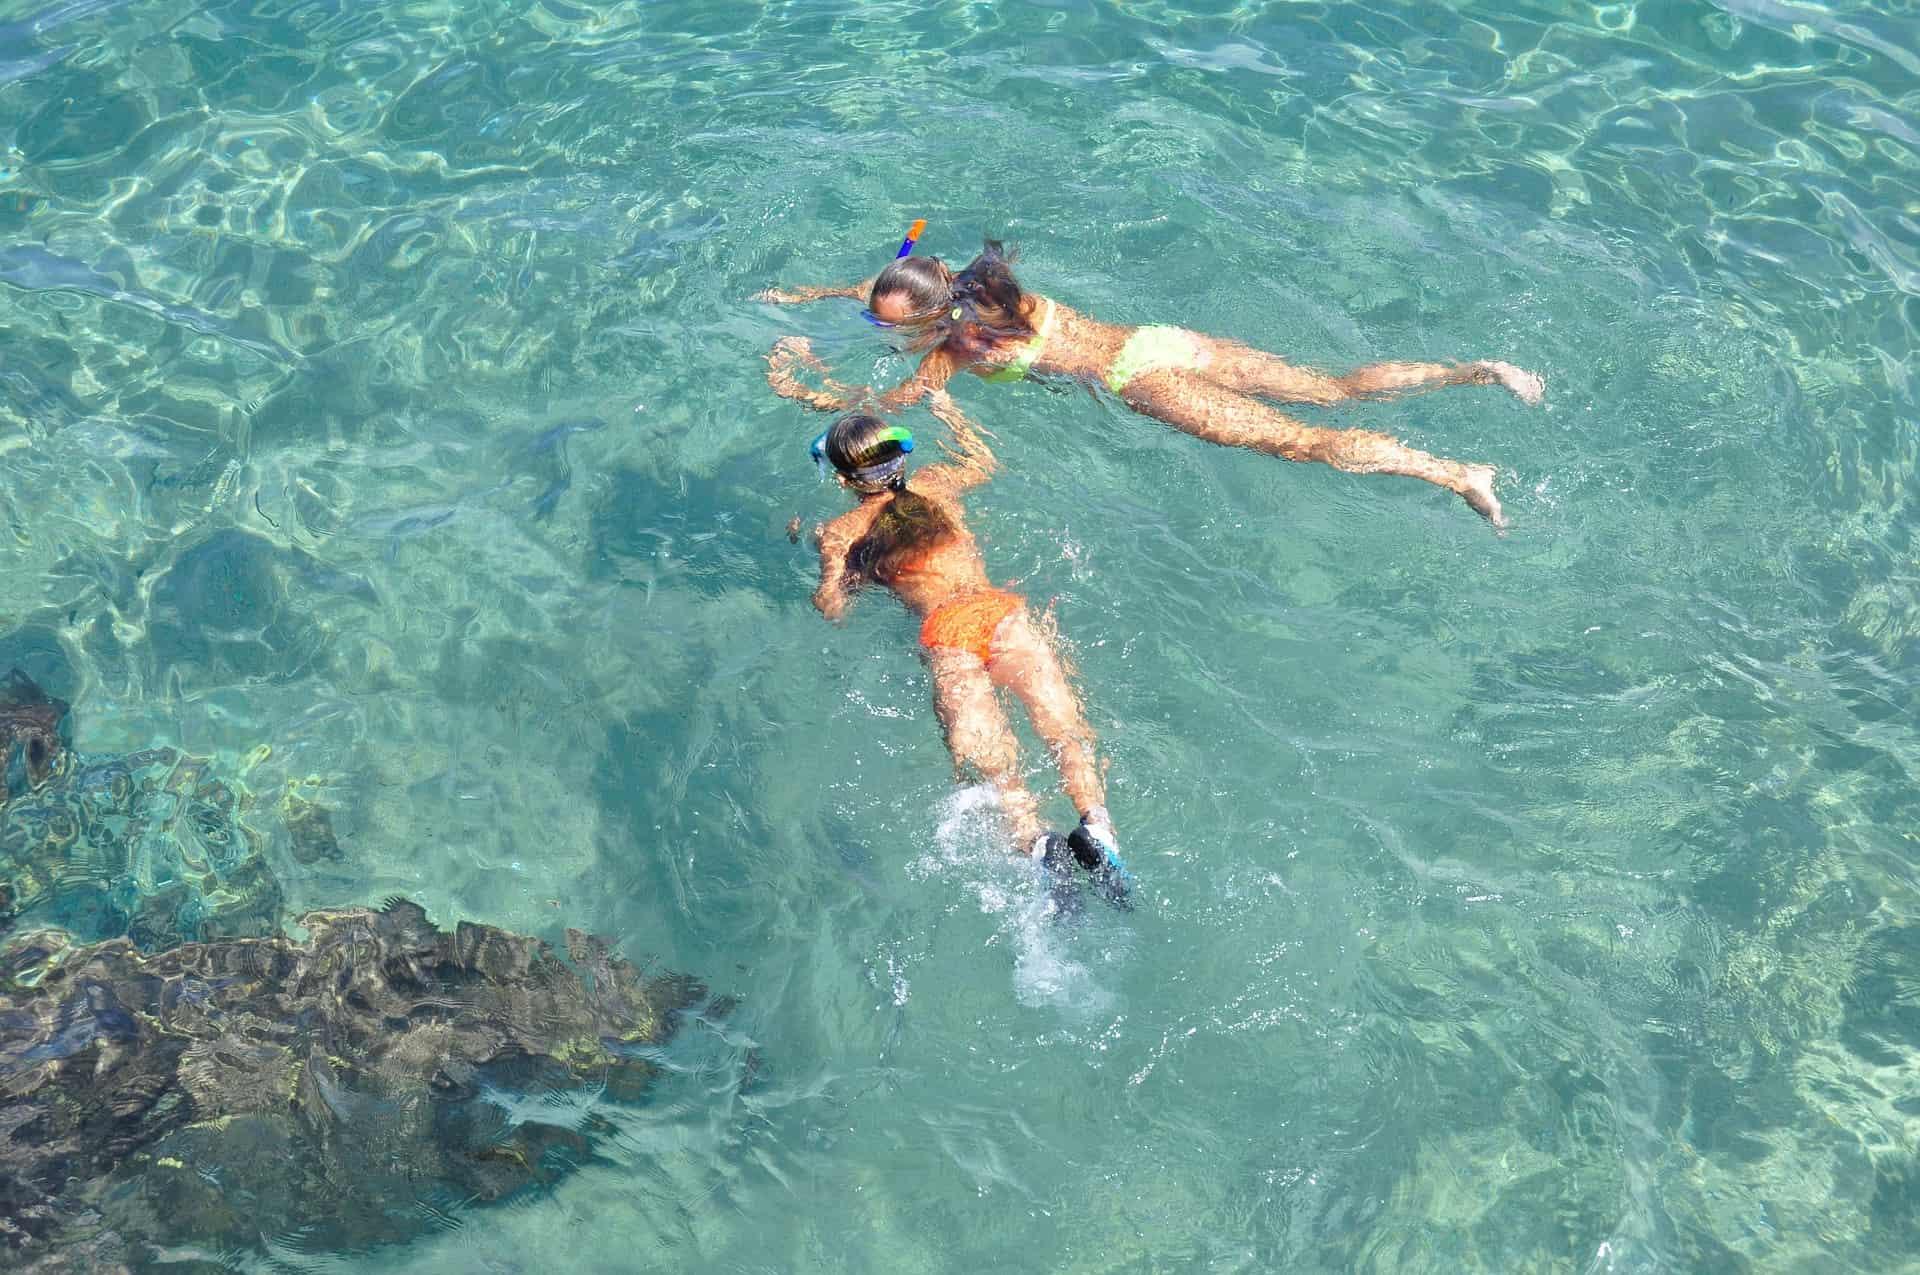 snorkeling vs scuba